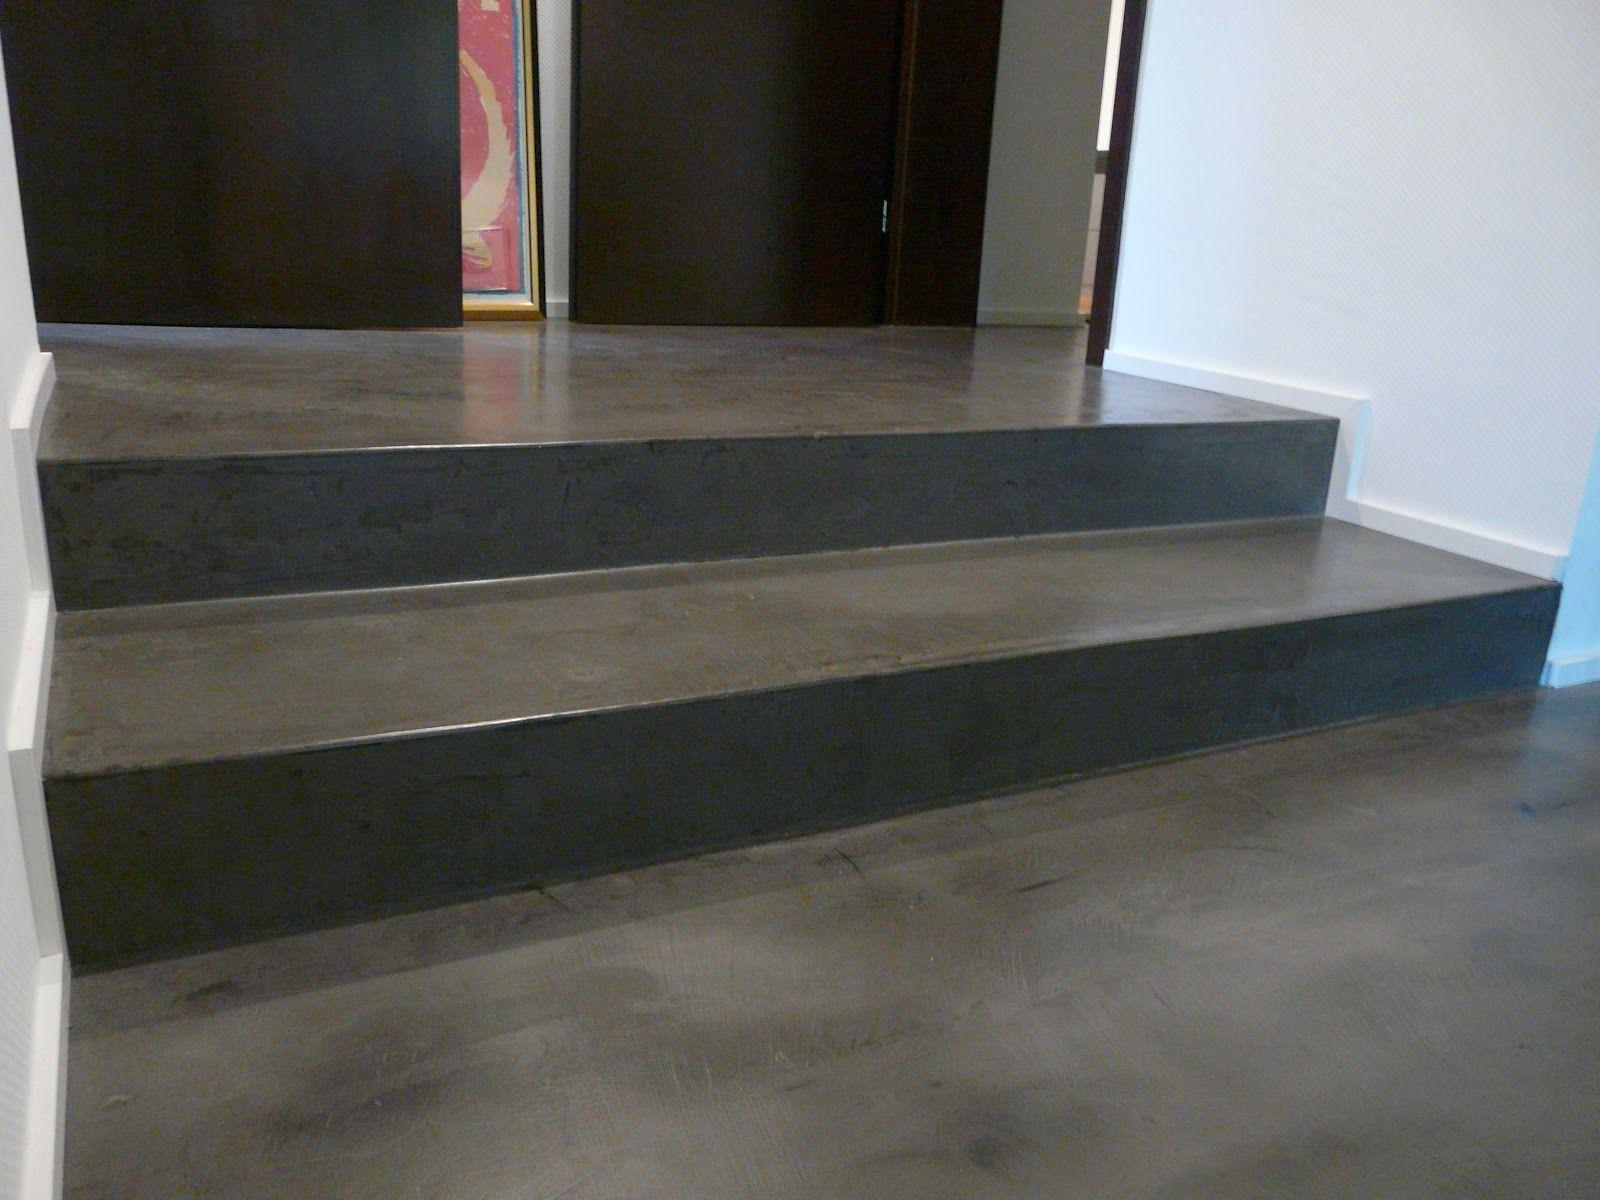 wandwohndesignbetoncire Beton Floor